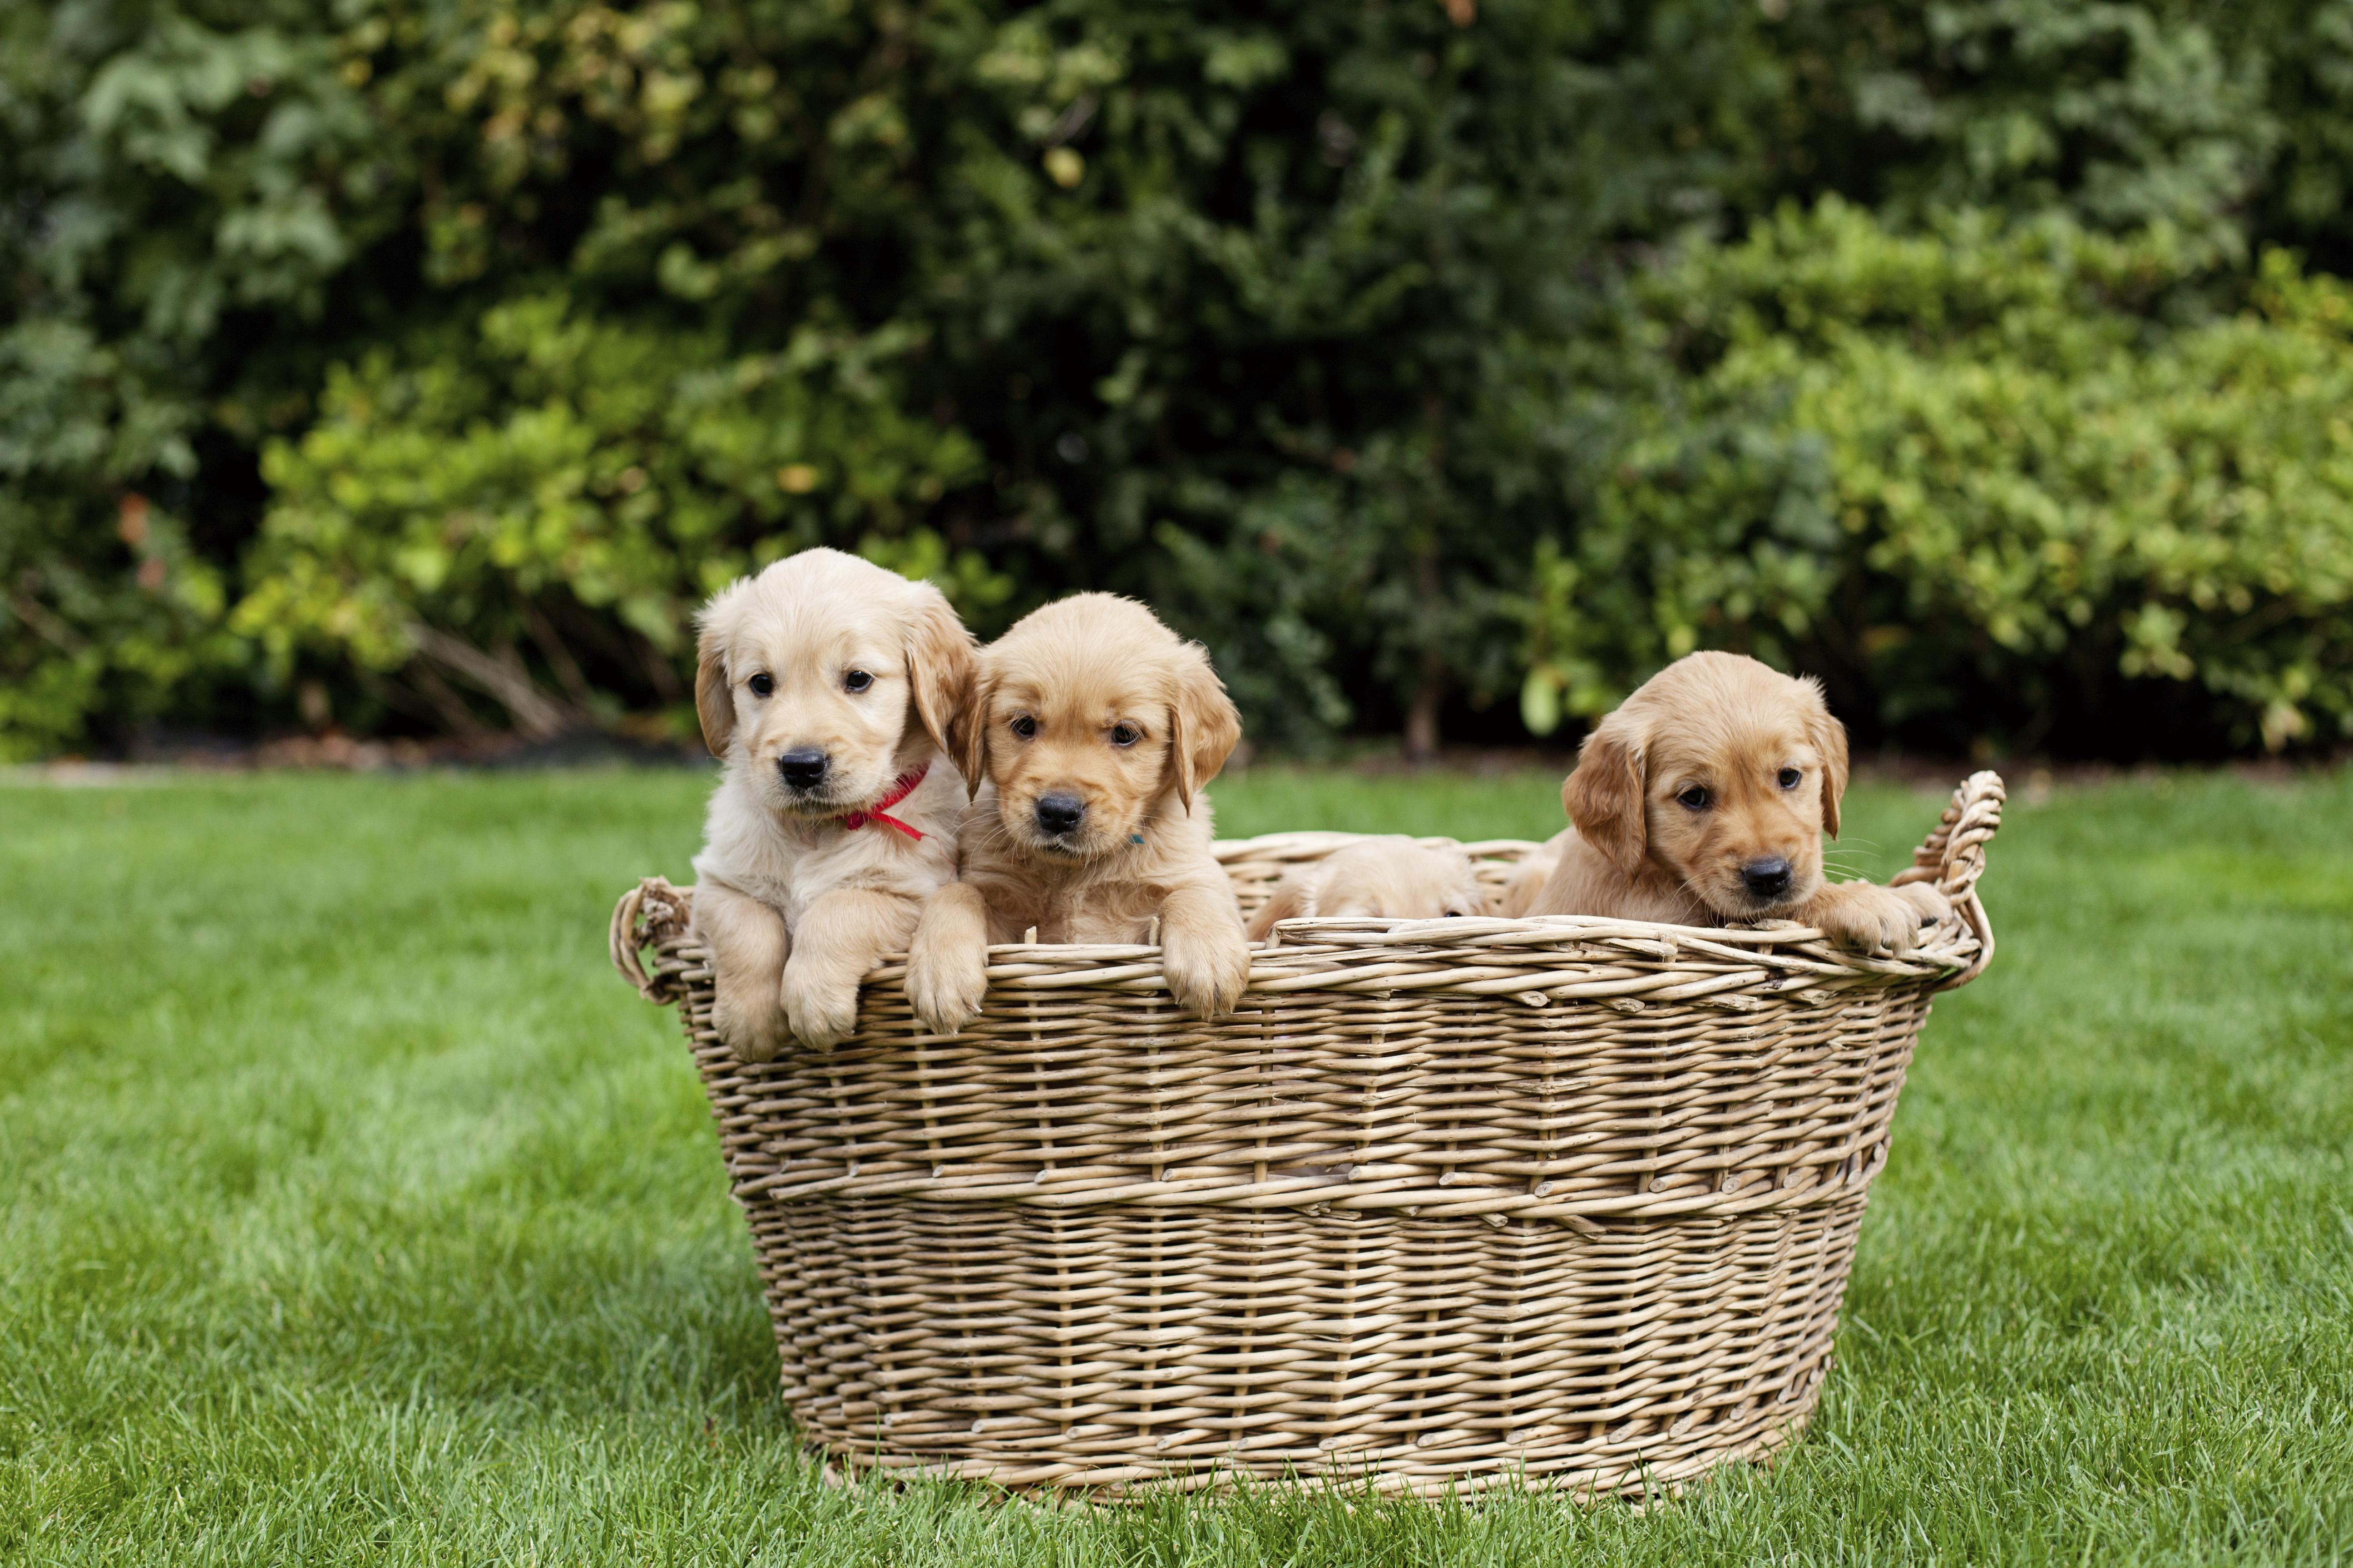 Cachorros-de-Golden-Retriever-en-una-canasta